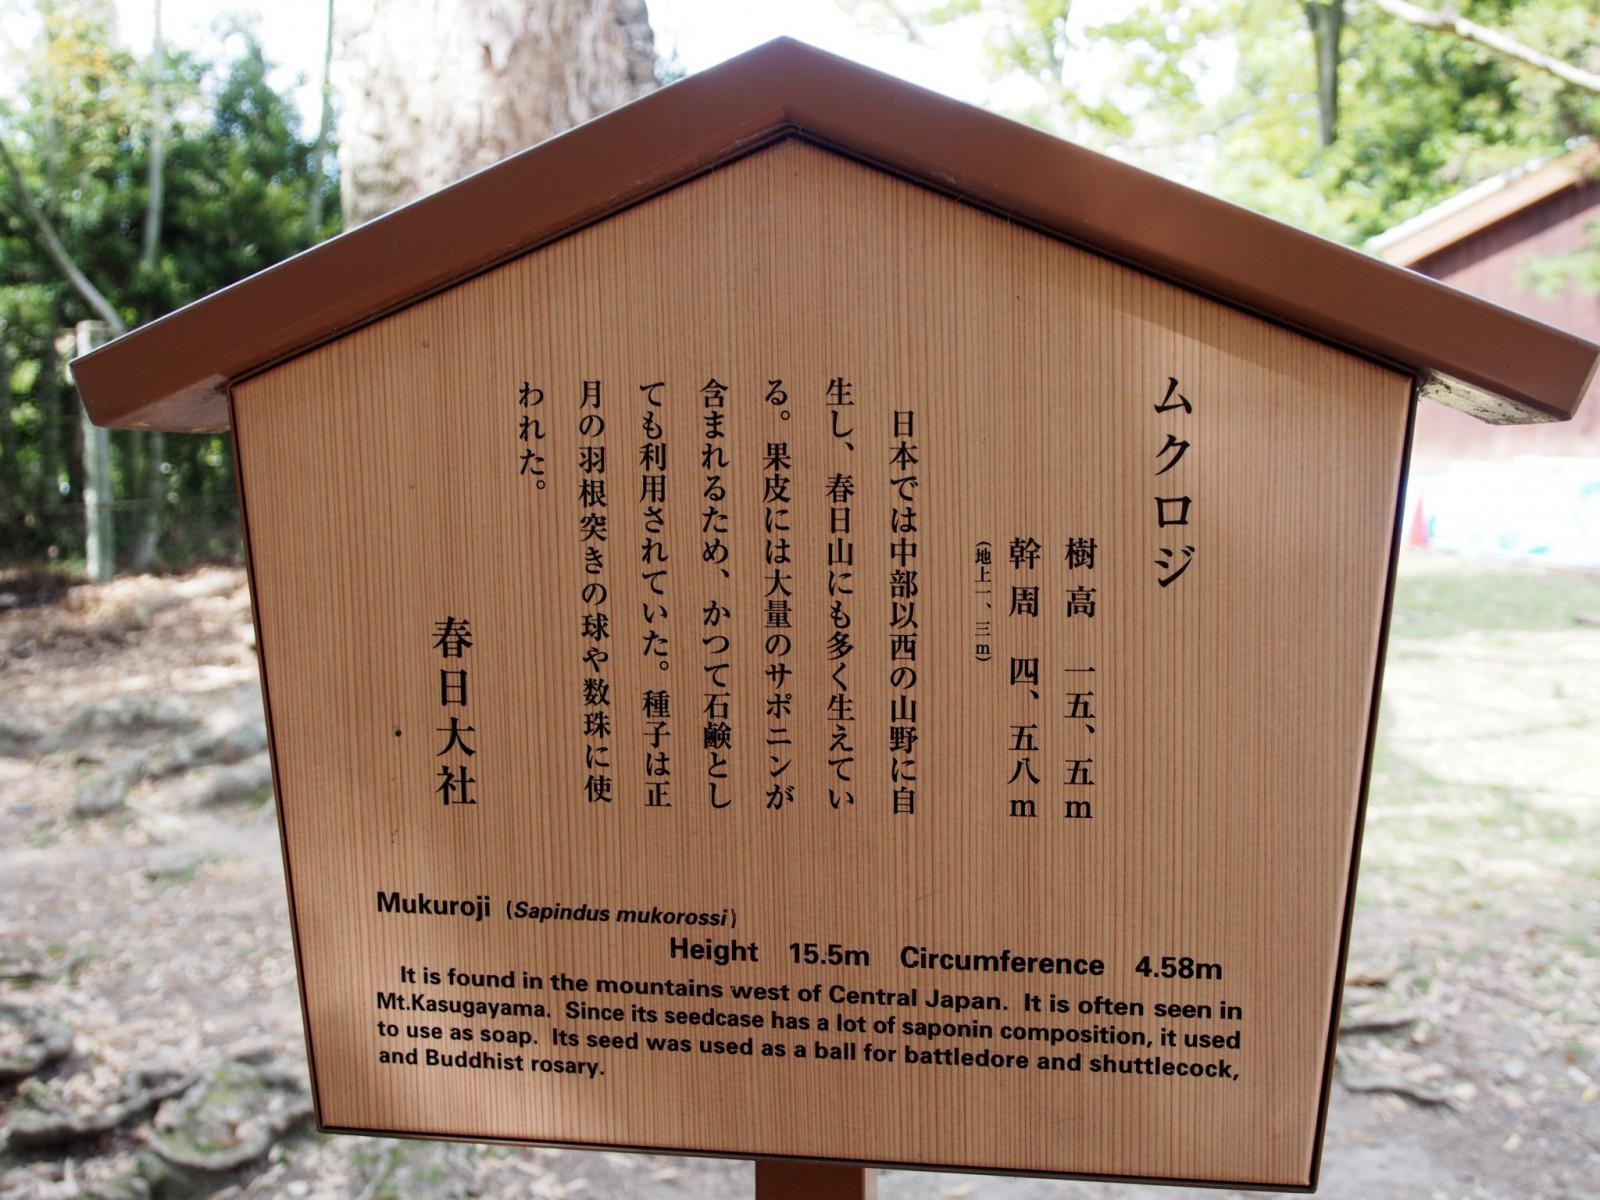 奈良公園内「ムクロジの木」の案内板